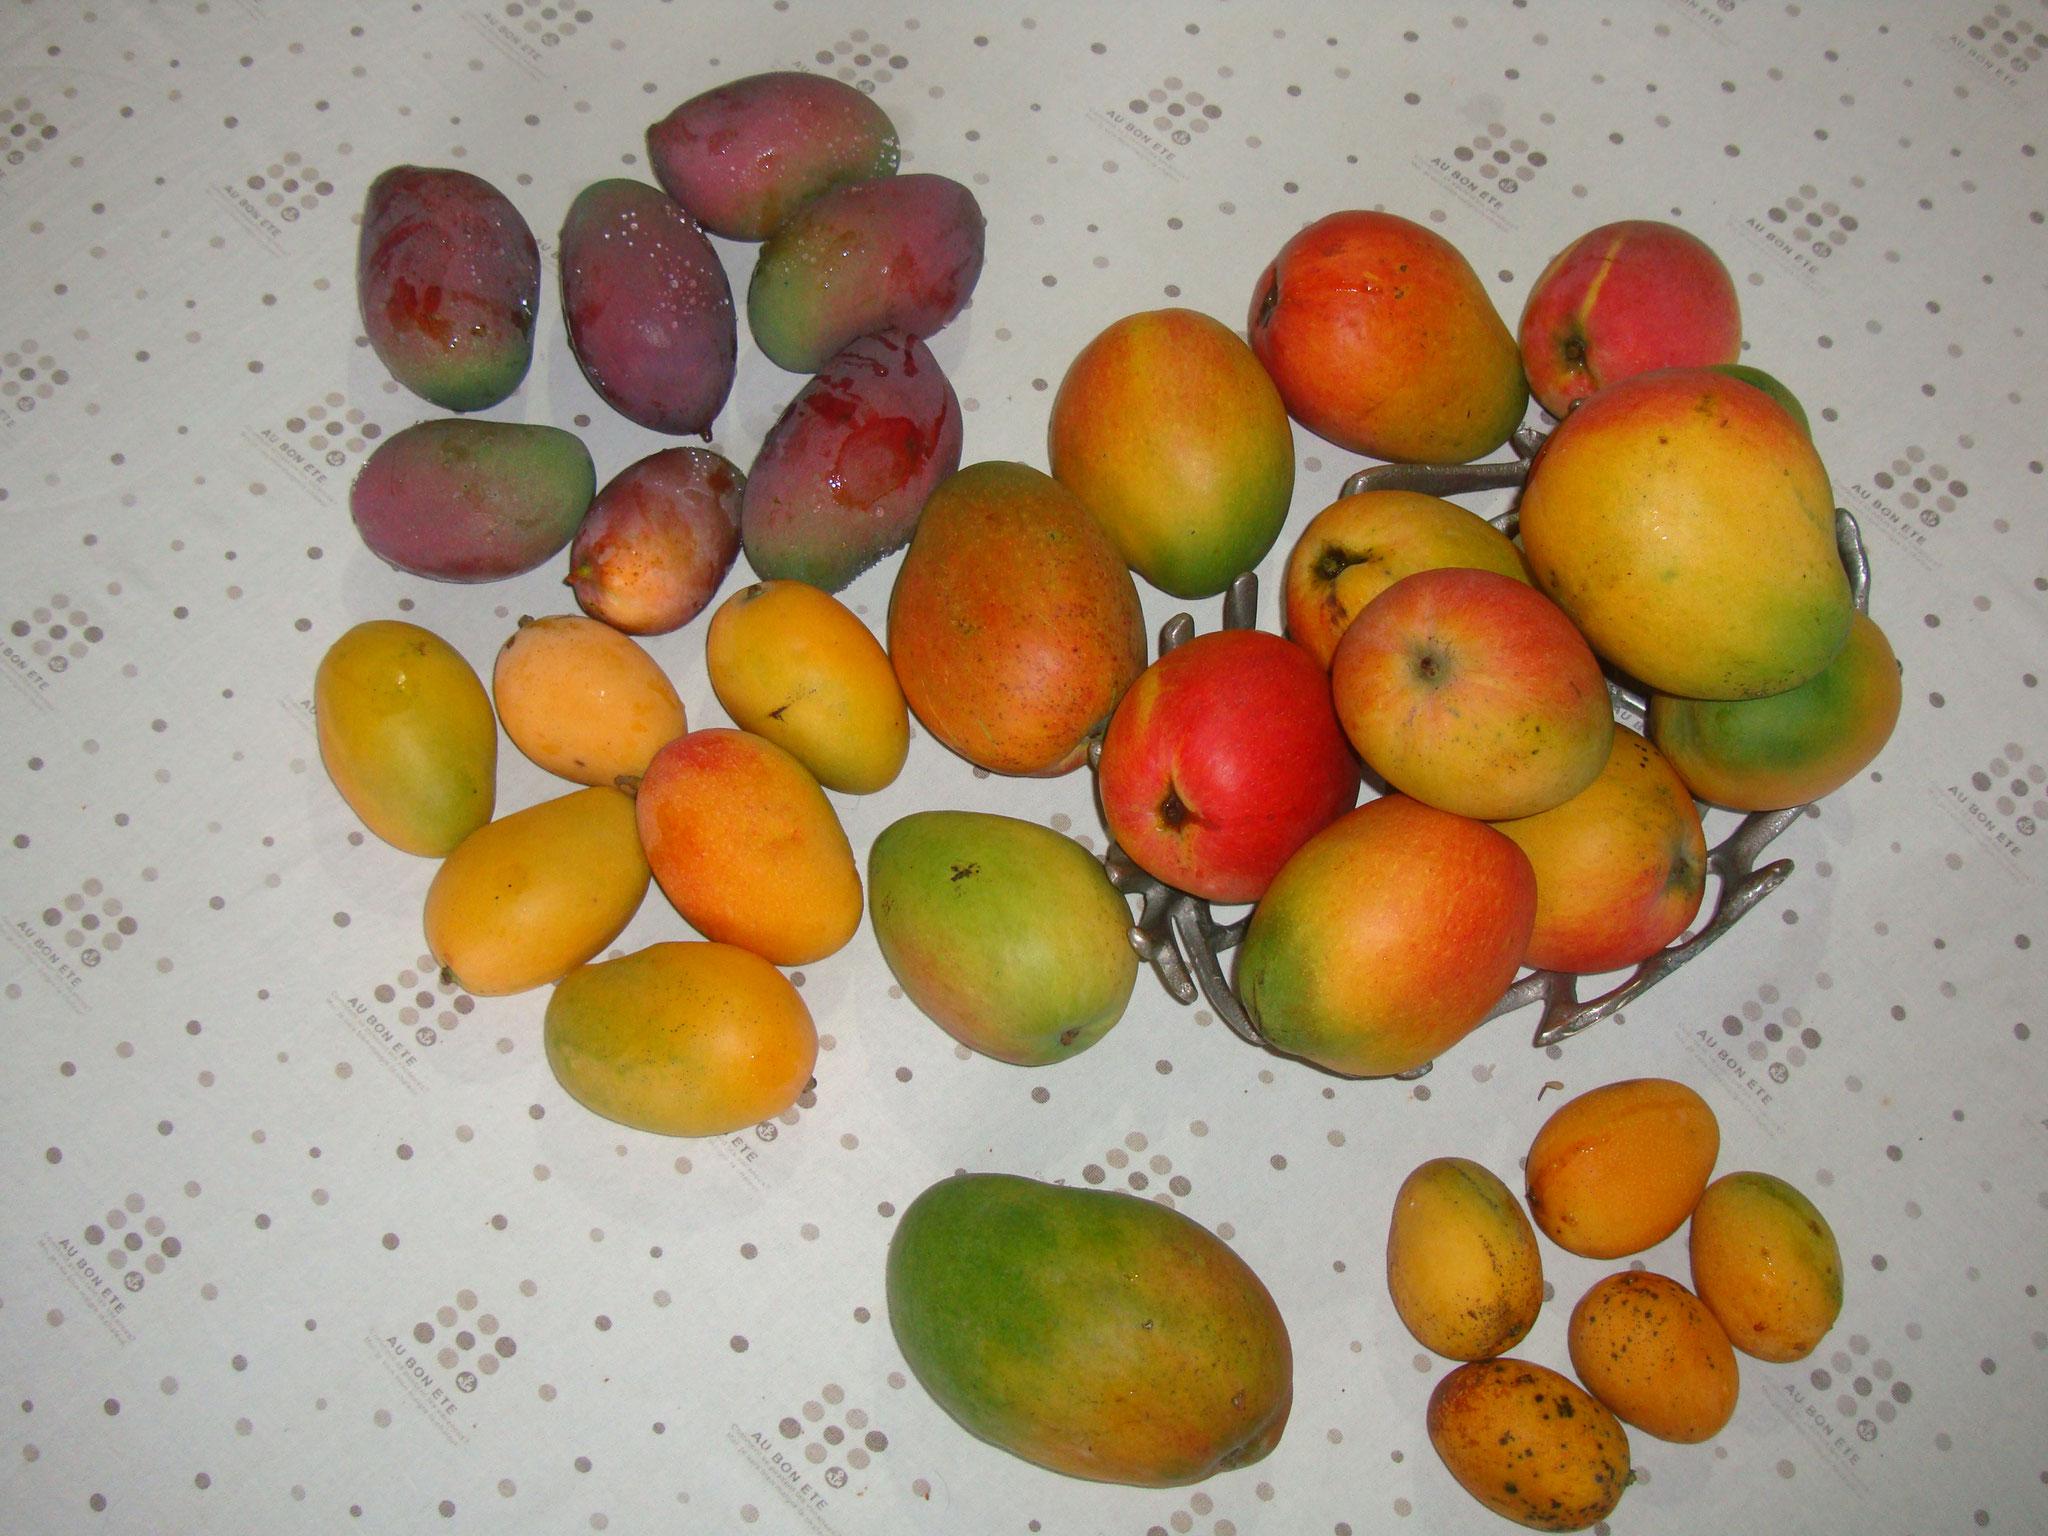 園内で収穫した様々な種類のマンゴたち。選り取りみどりで迷っちゃう(♥ω♥)